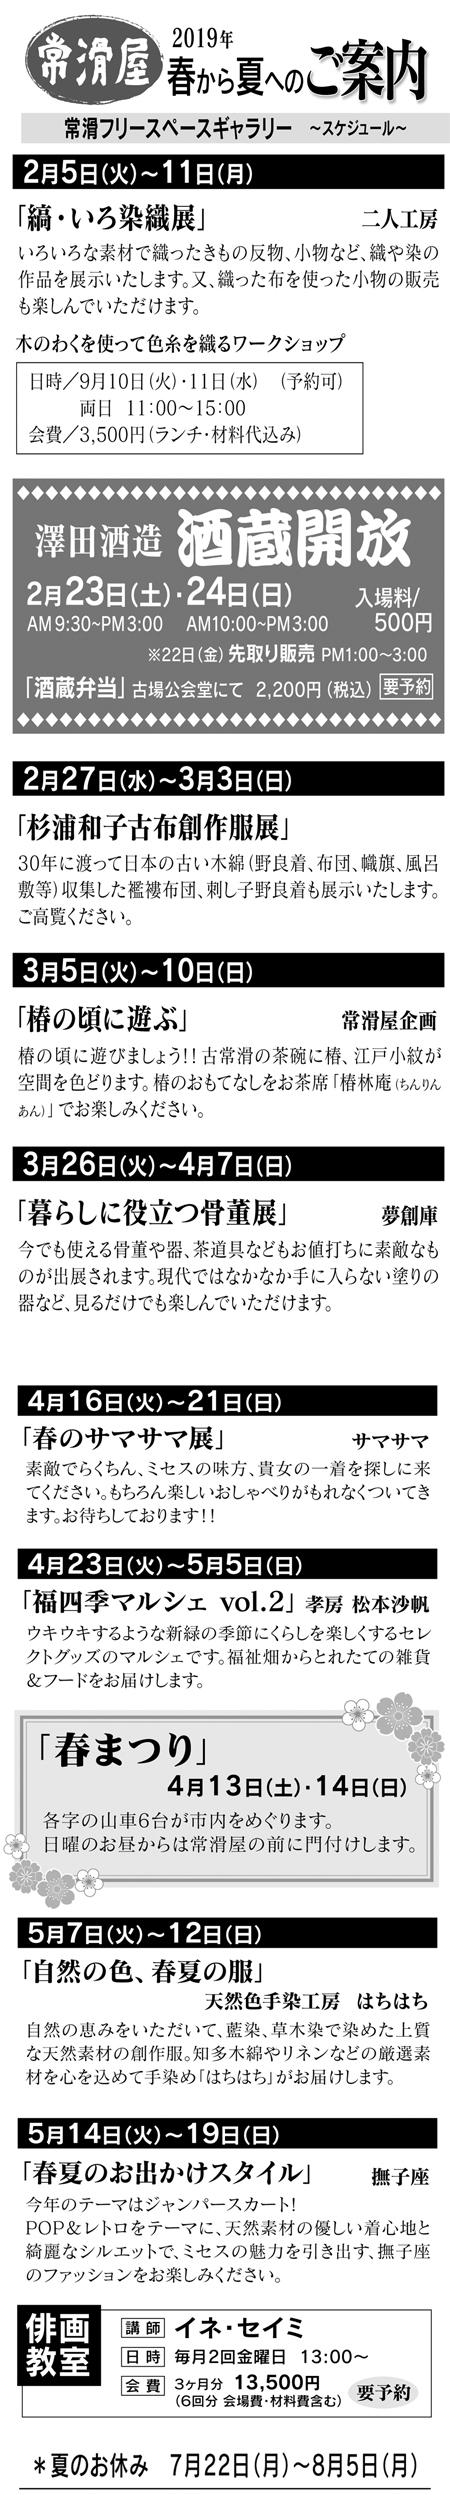 ファイル 199-1.jpg